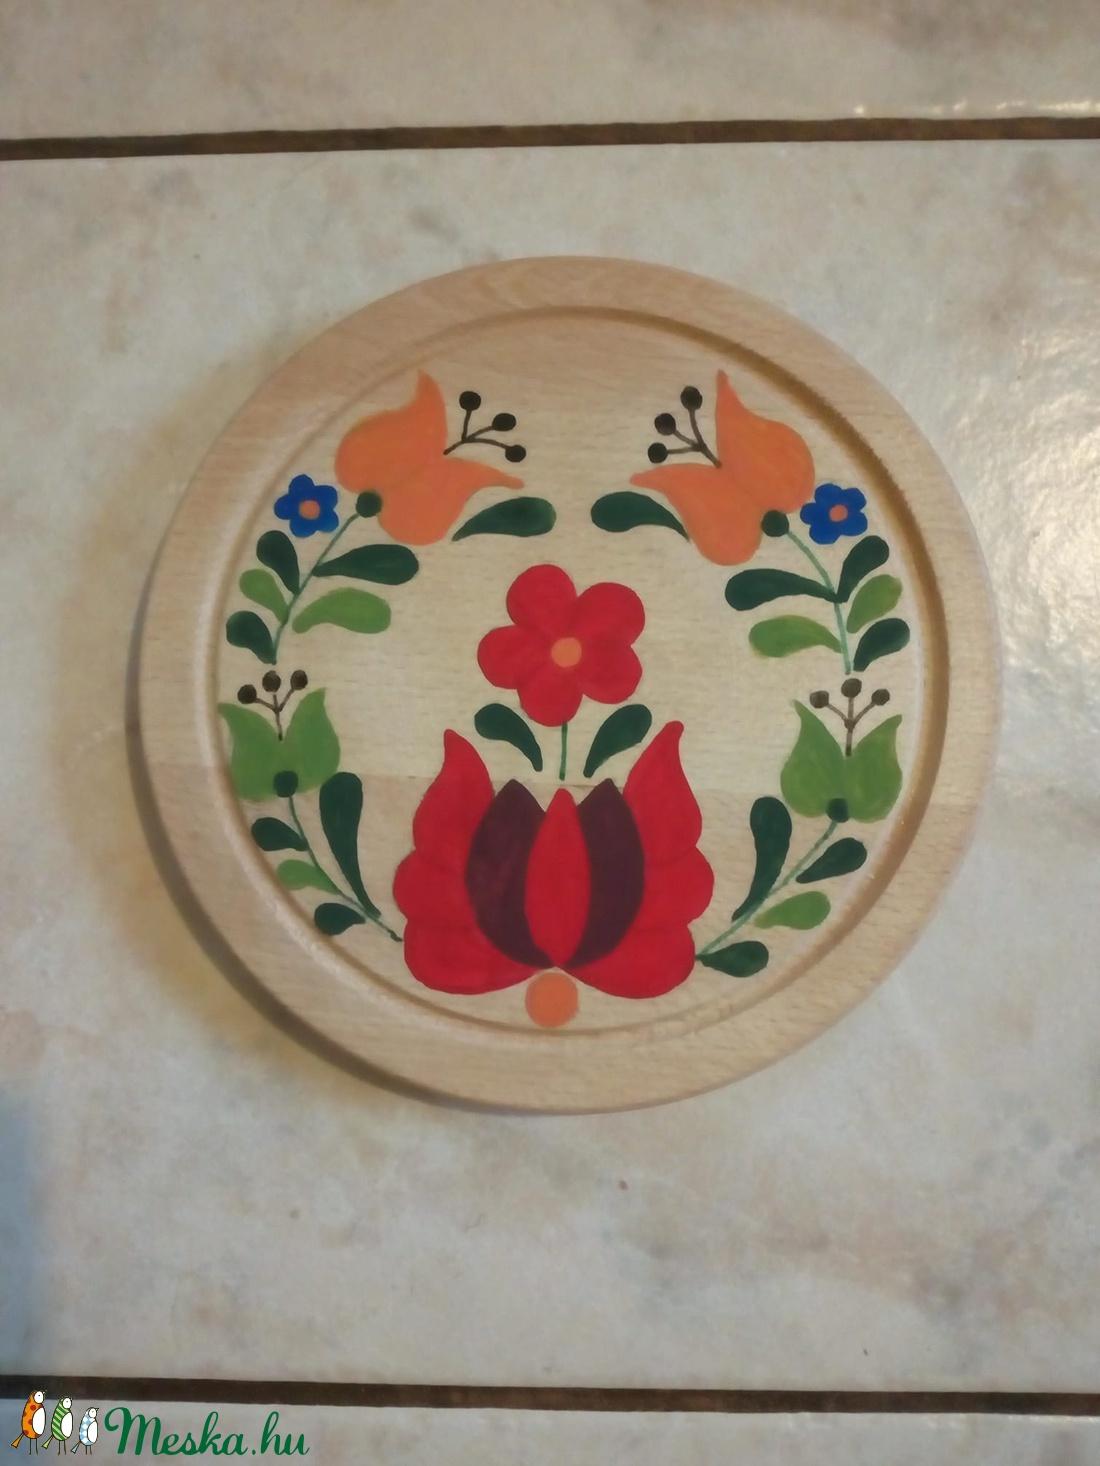 Deszka népi motívummal (Ritasflower) - Meska.hu